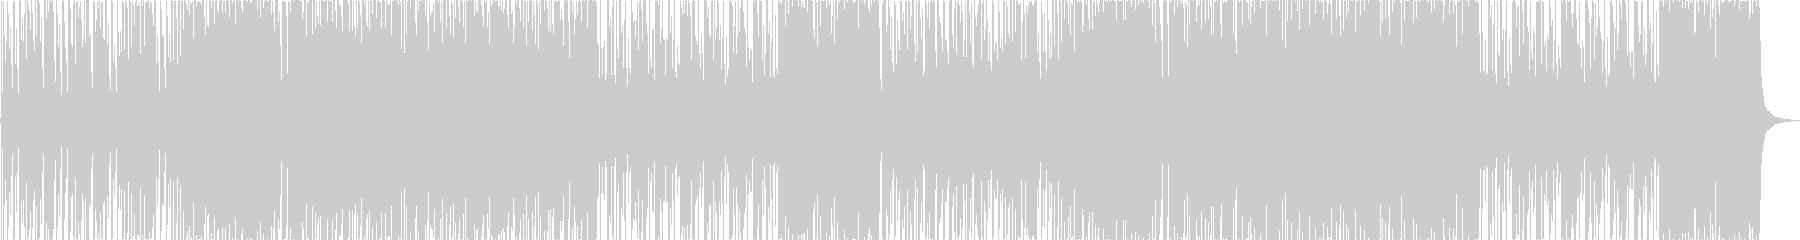 カジノ風のビッグバンドBGMの未再生の波形